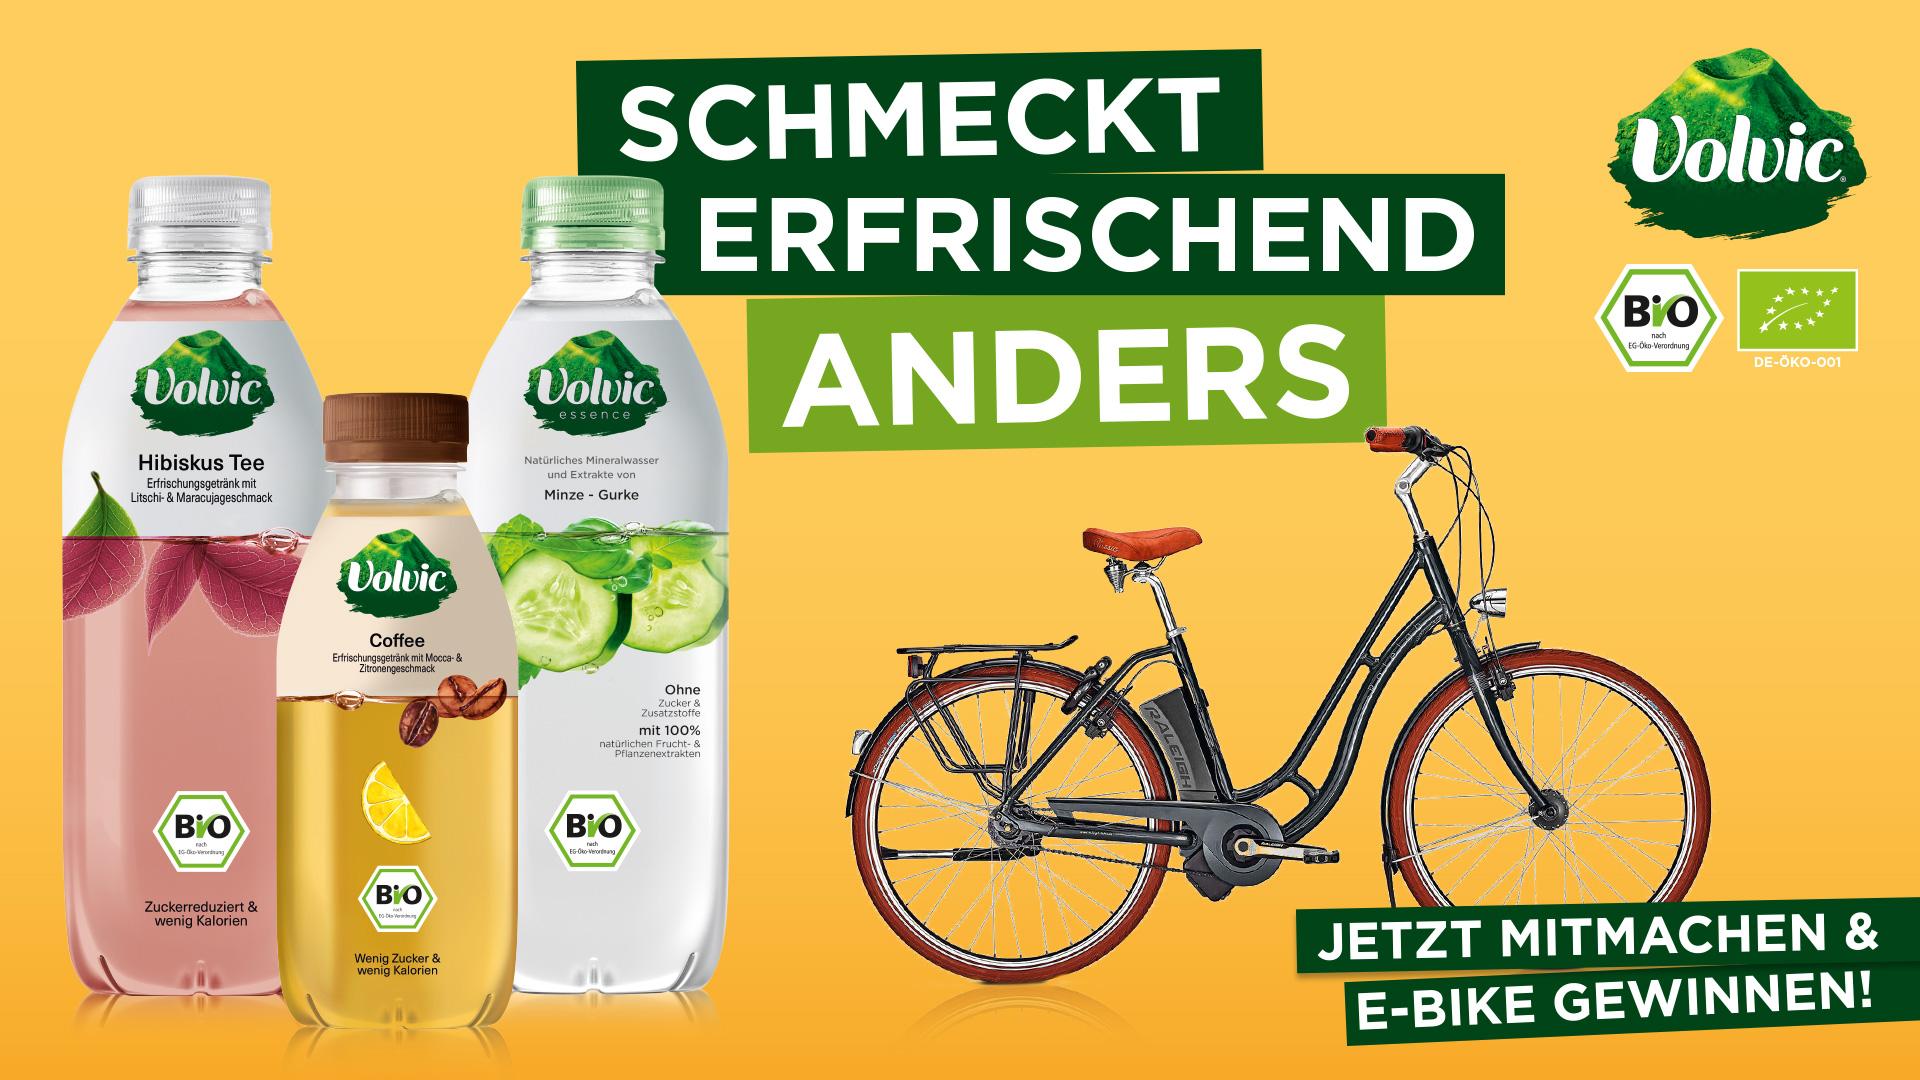 Gewinnspielbanner Volvic mit E-Bike und drei Volvic Getränken in den Sorten Hibiskus Tee, Coffee, Minze-Gurke